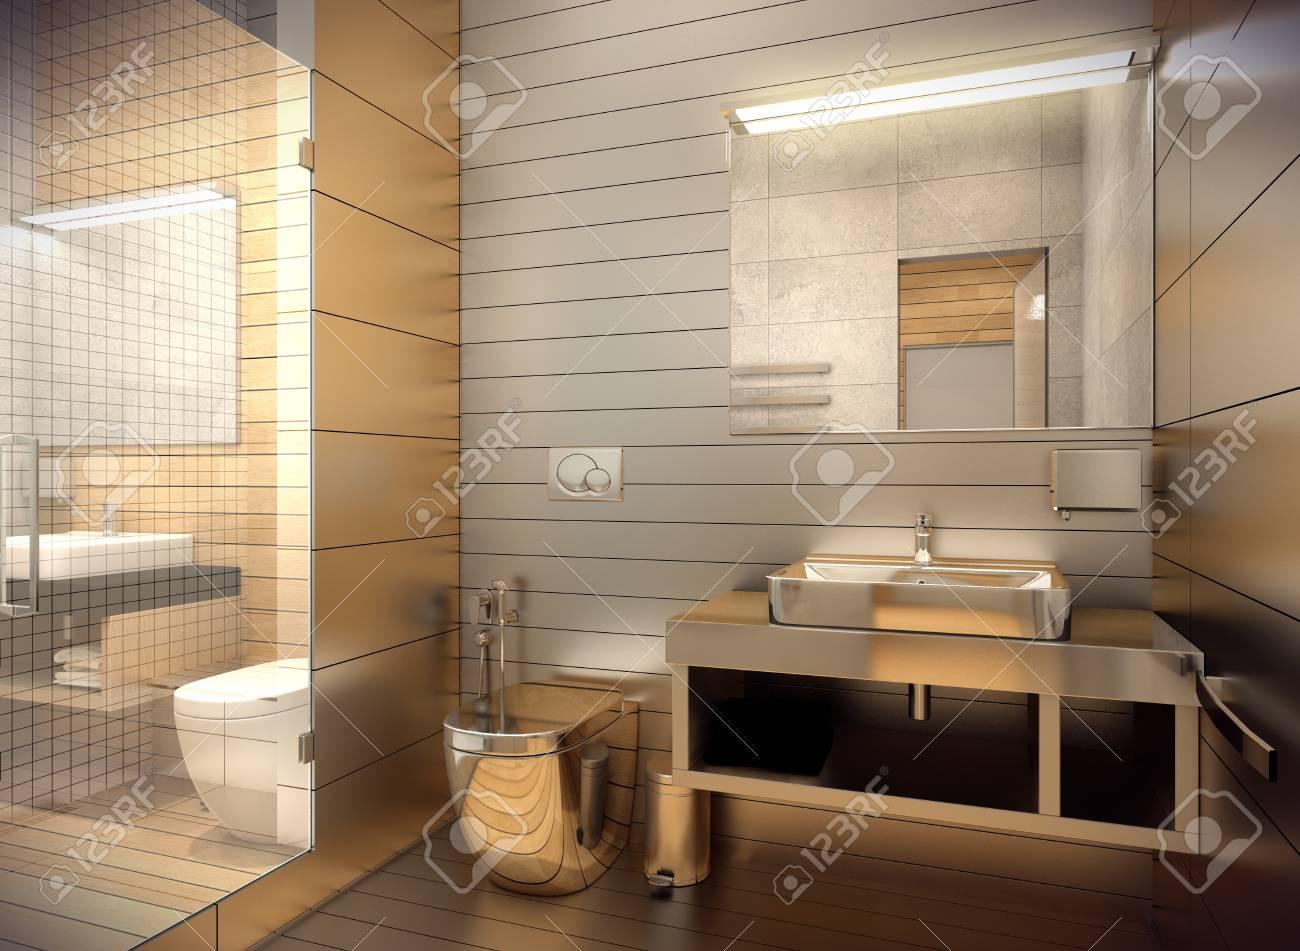 3D-Rendering Des Inneren Des Bades In Einem Zeitgenössischen Stil ...